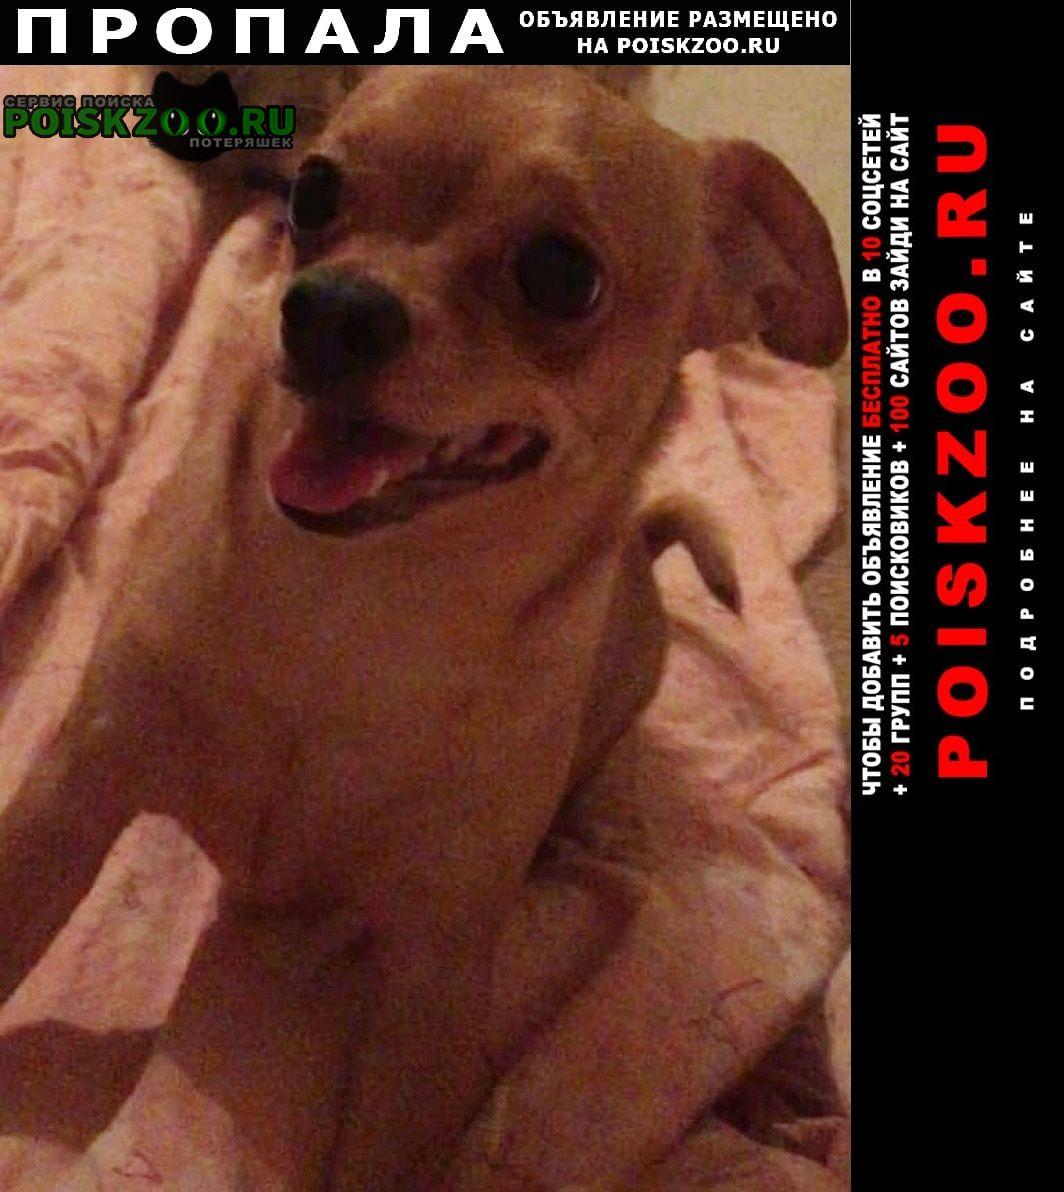 Пропала собака помогите пожалуйста Донецк Донецкая обл.